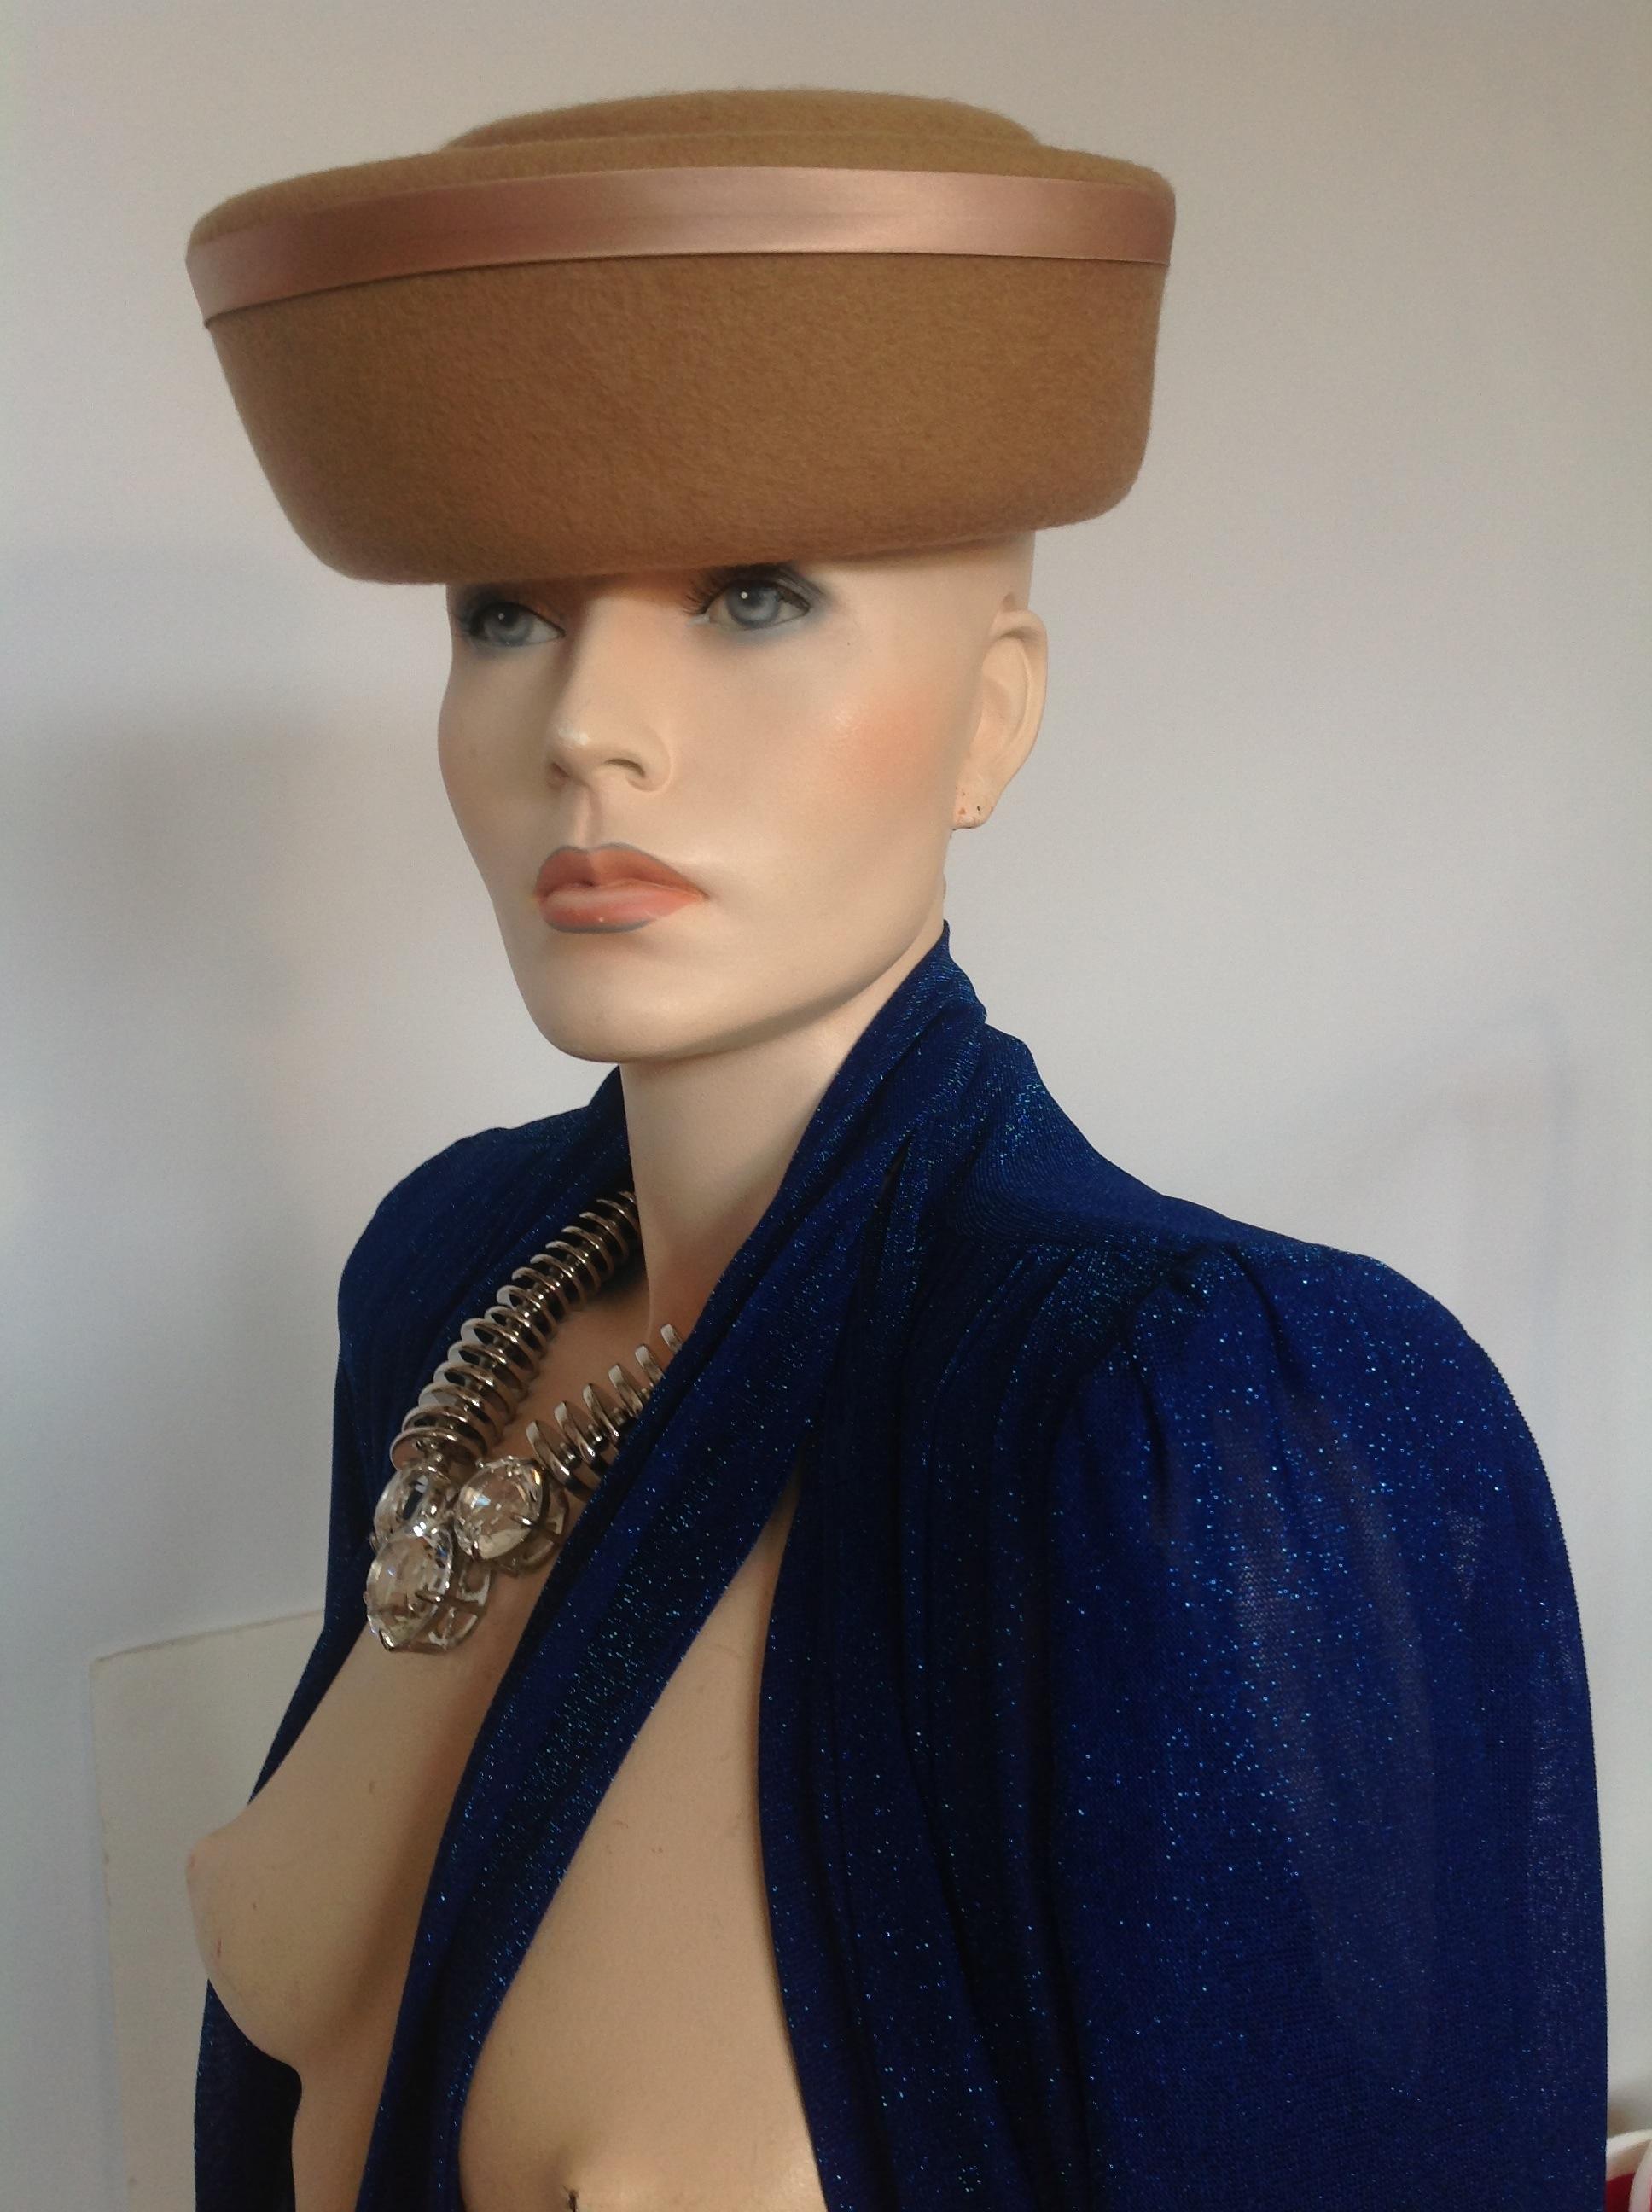 540cc9bef06c4 https   fashioninmotion.wordpress.com 2014 08 14 winnipeg-folk-fest ...